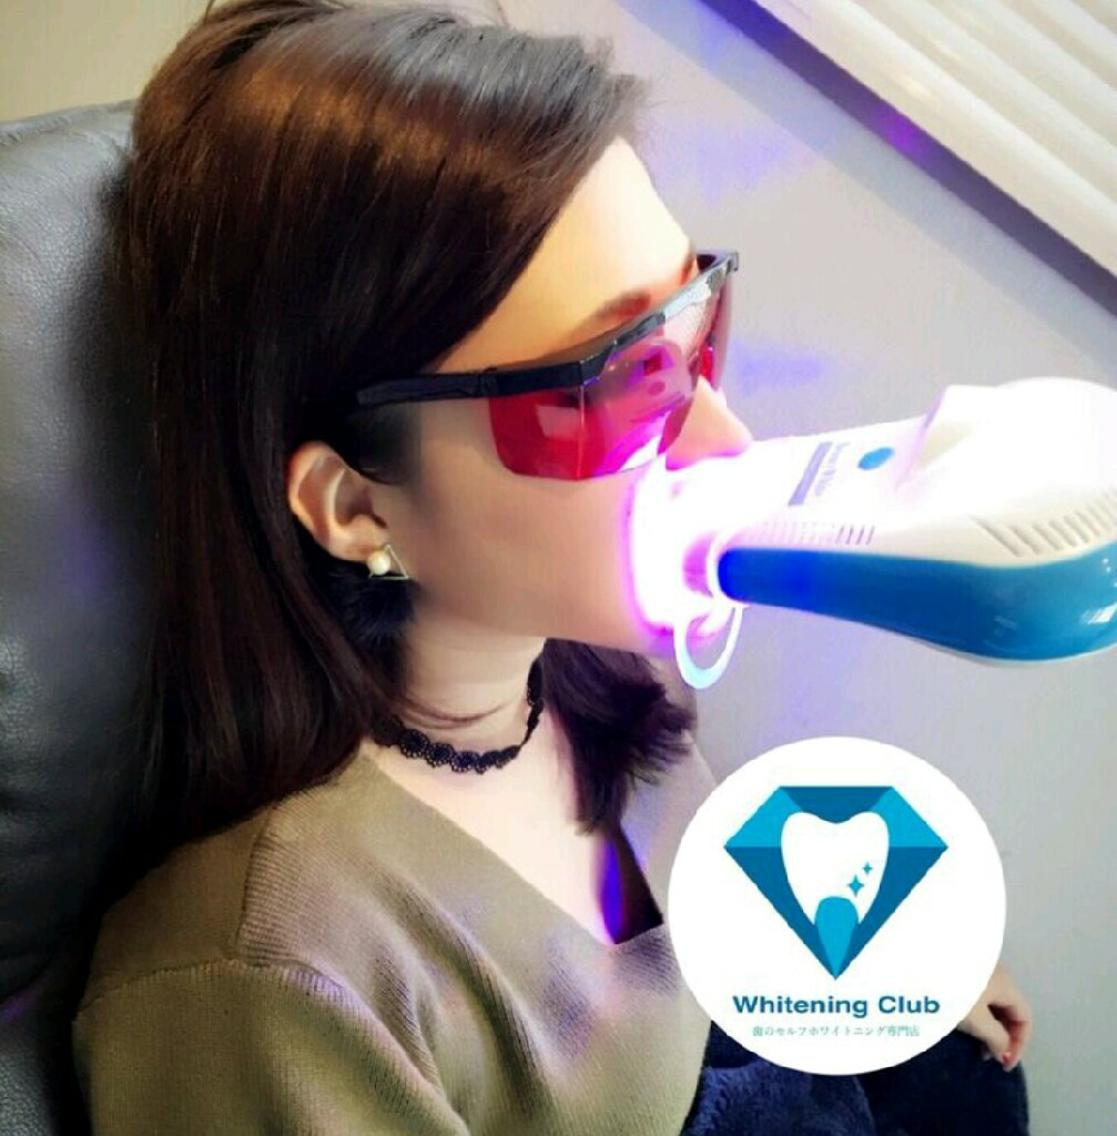 【minimo特別割引価格!】大人気白い歯になる⭐気軽にできる!低価格・短時間・安心安全な歯のセルフホワイトニング‼